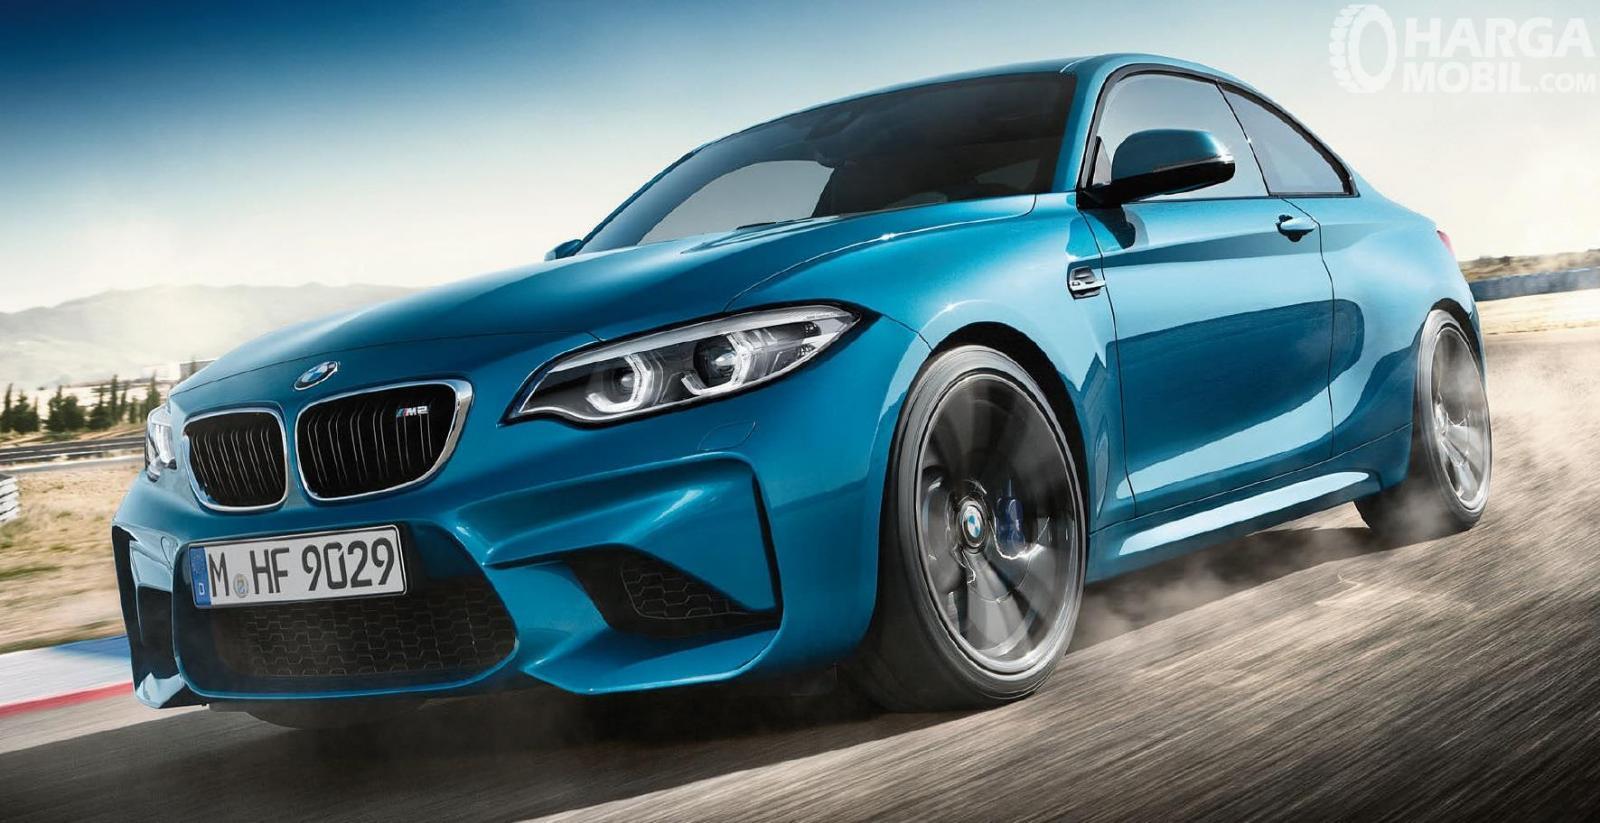 Eksterior depan BMW M2 Coupe 2018 terlihat sangat menarik serta agresif khususnya dalam desain bemper